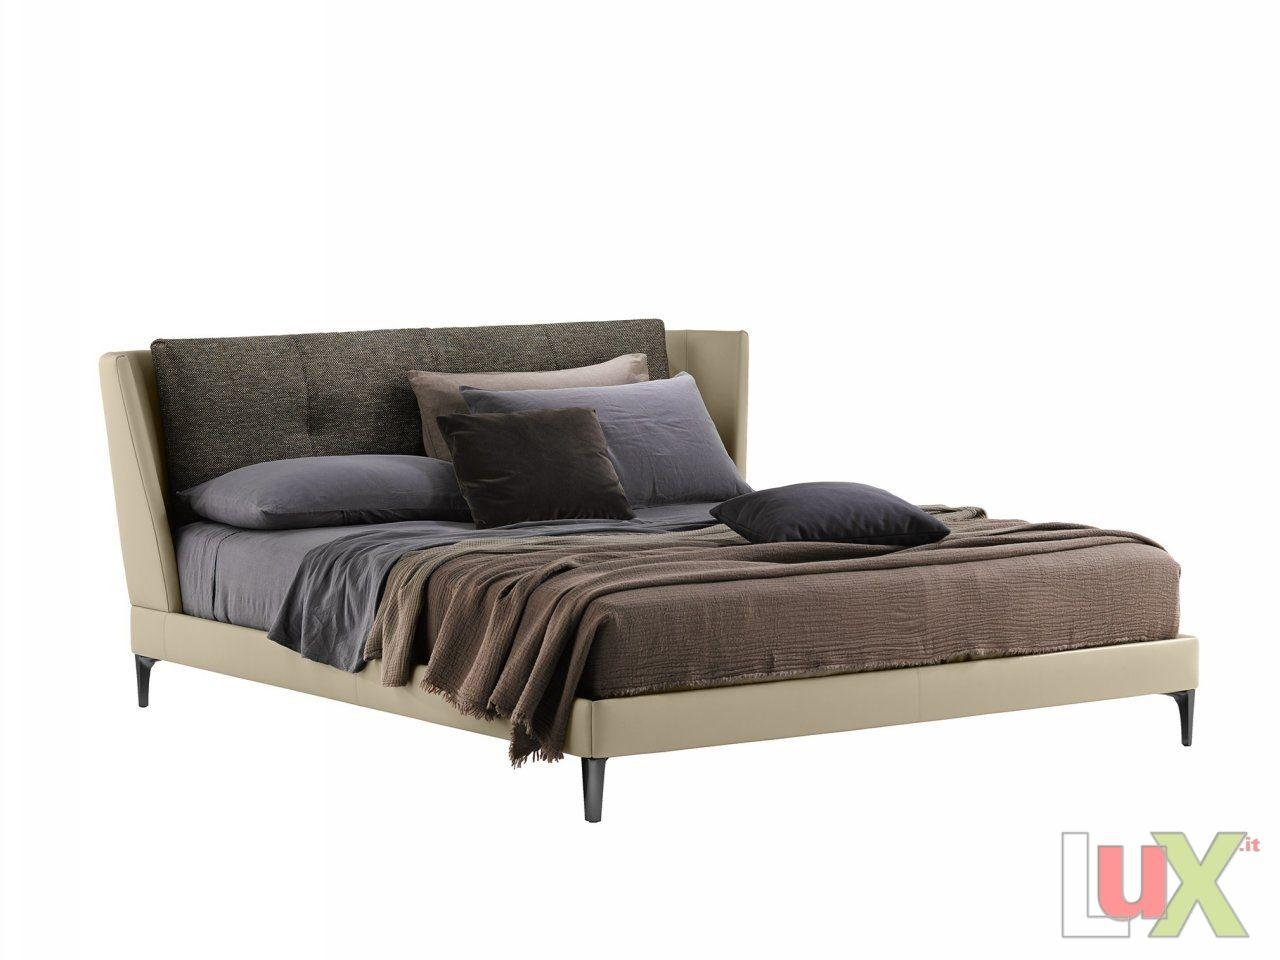 Letto modello bretagne bed for Testiere letto a cuscino